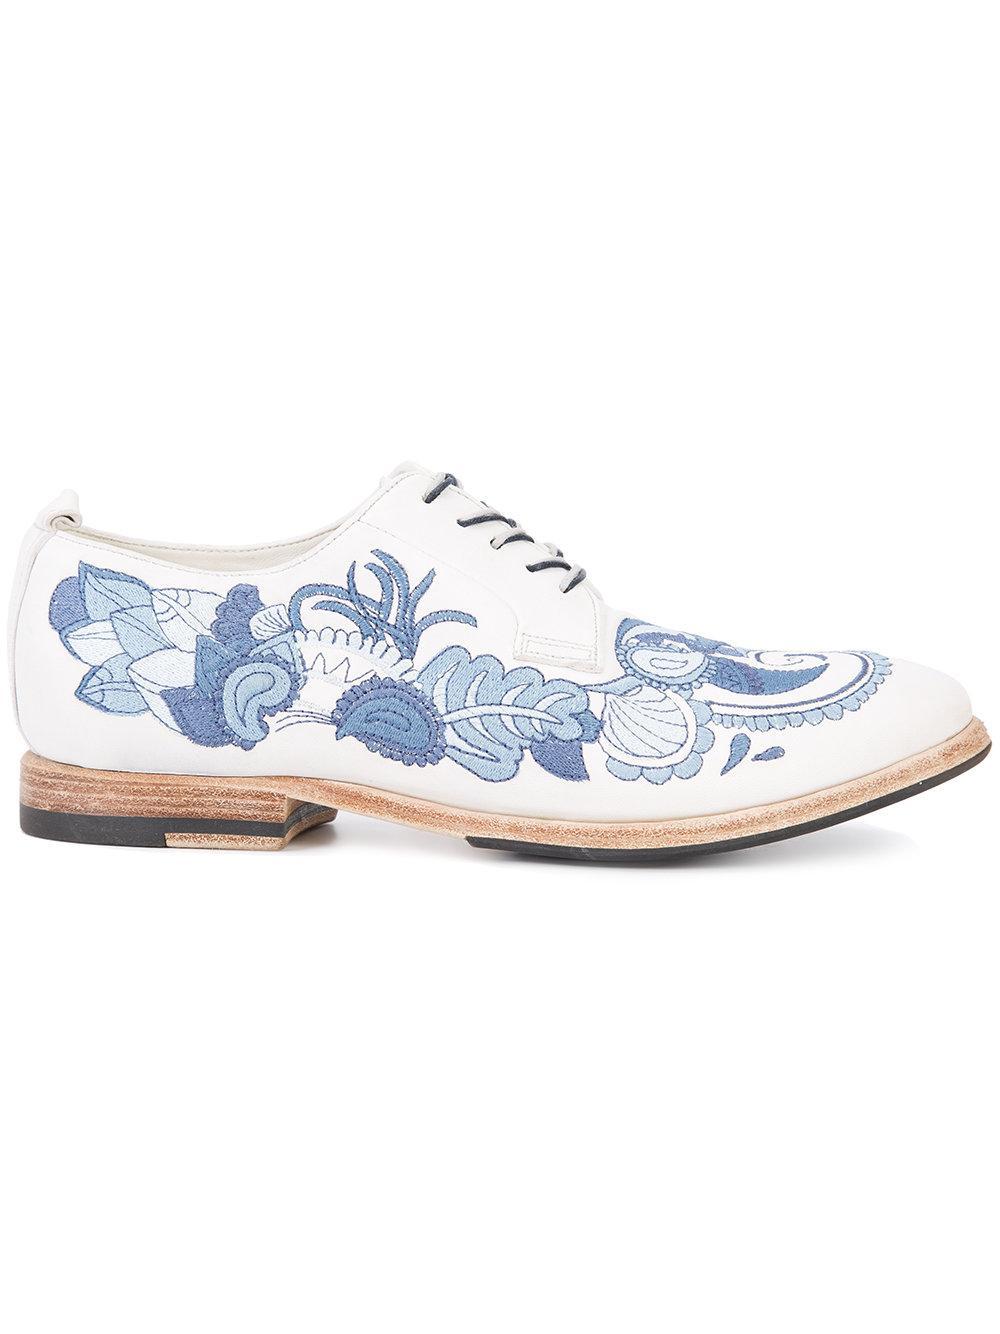 Sartori Gold Mens Shoes